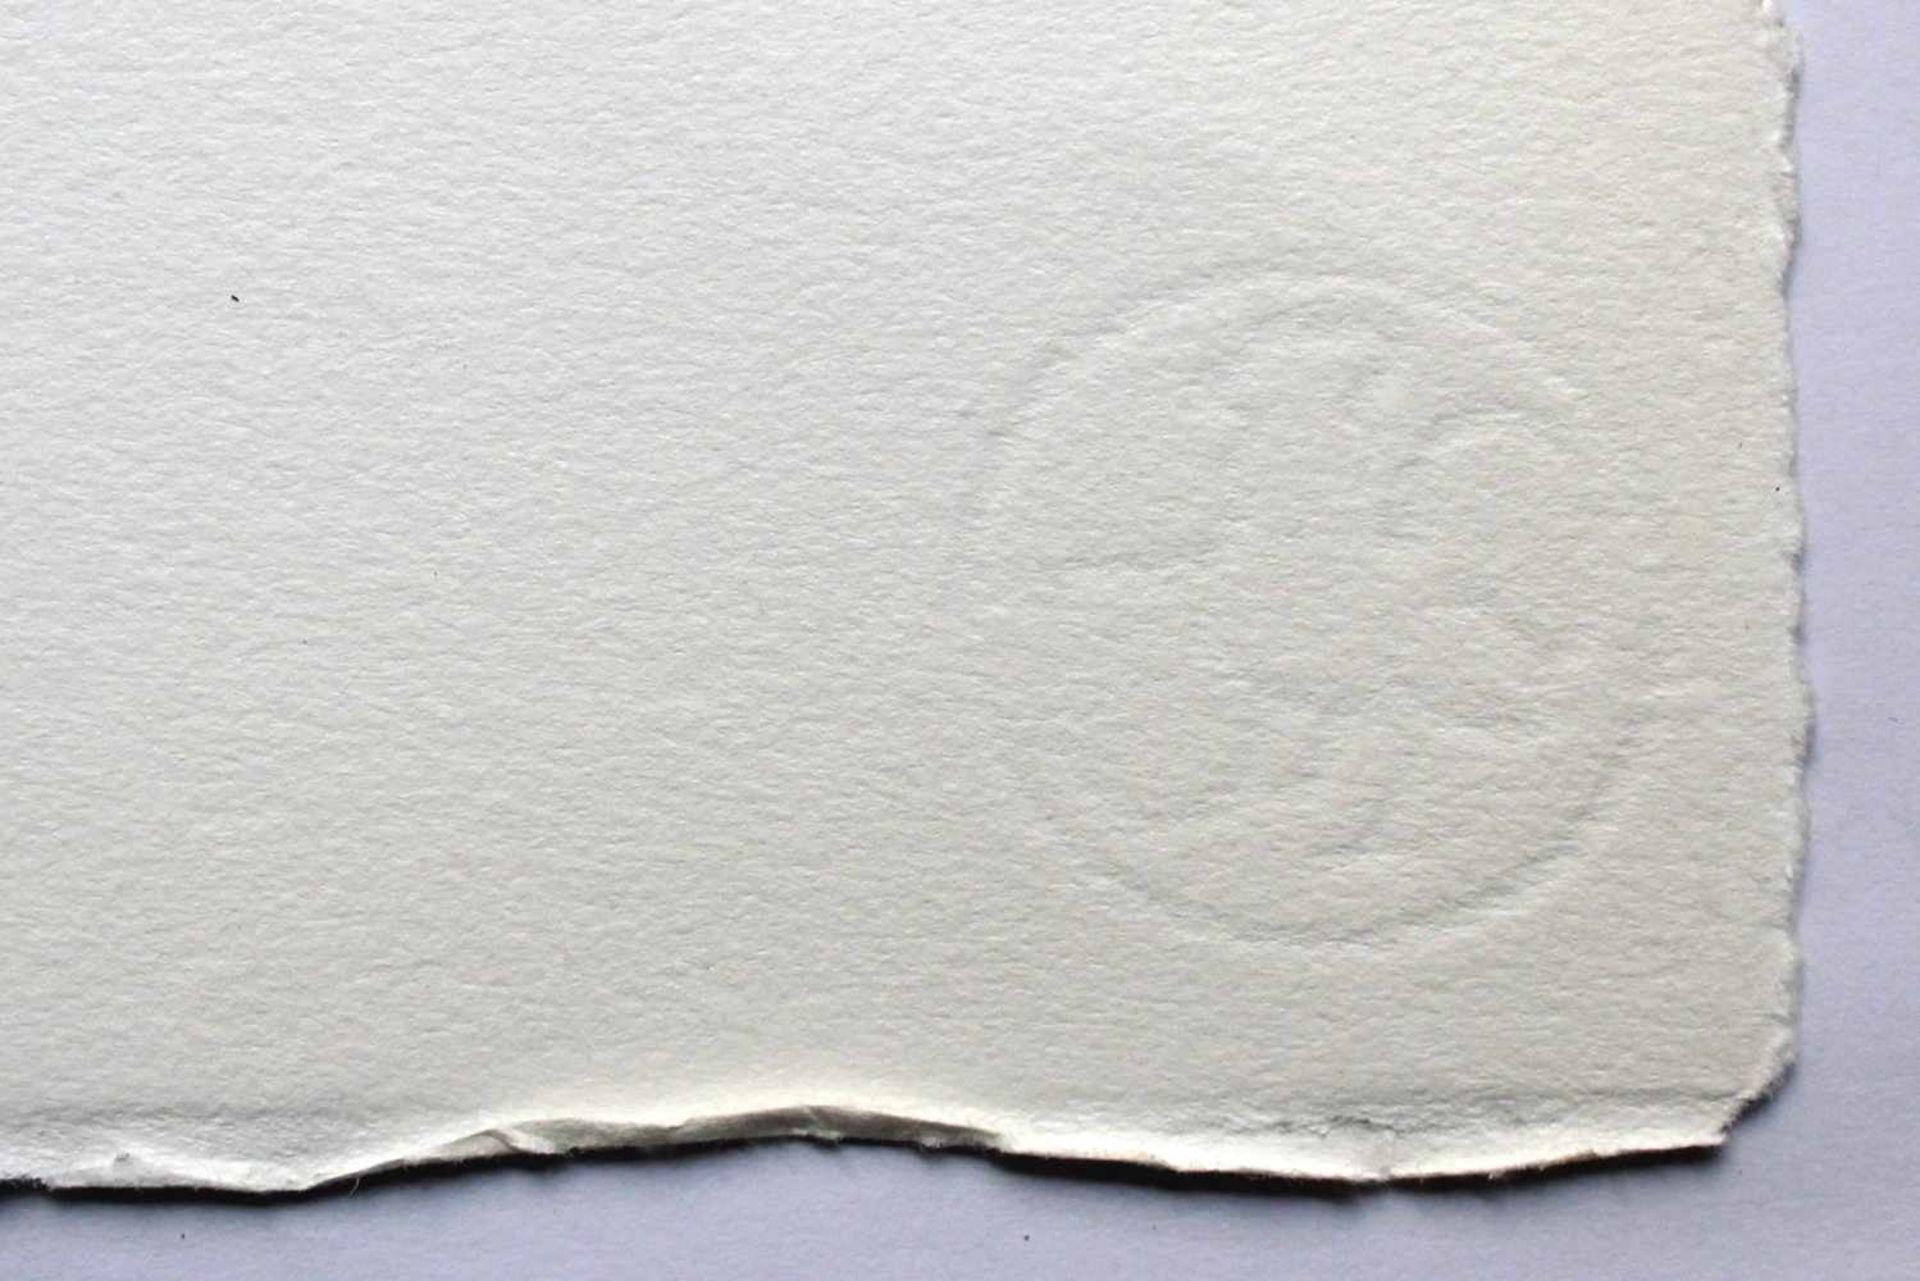 Karl Korab geb. 1937 o.T. 1993 Radierung handsigniert, datiert und nummeriert 31/200 51 x 65 cm - Bild 4 aus 4